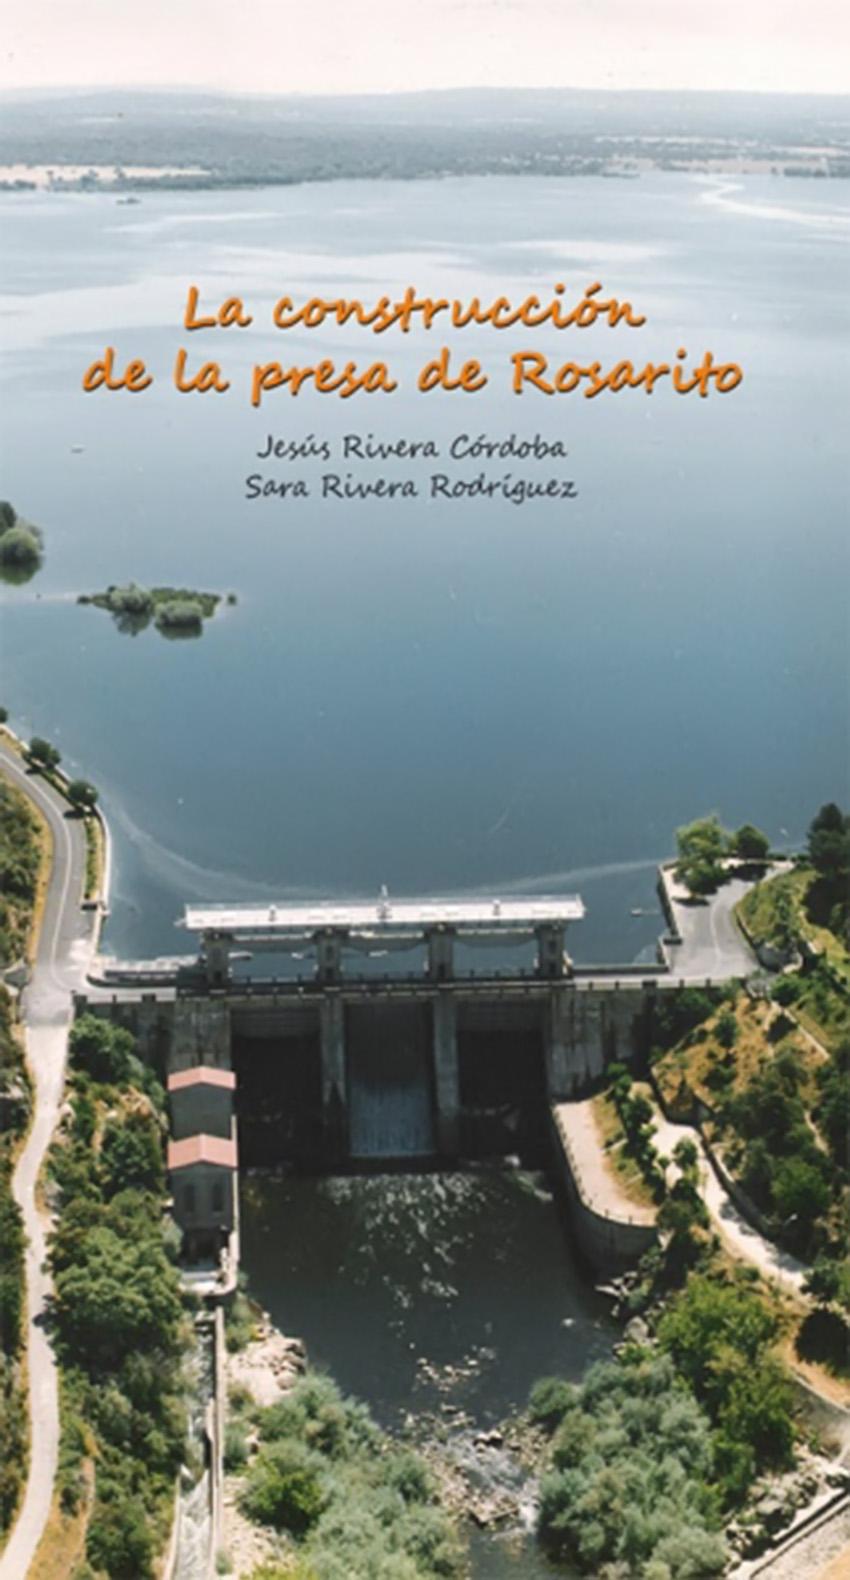 """Portada libro """"La Construcción de la presa de Rosarito"""" - Jesús y Sara Rivera"""